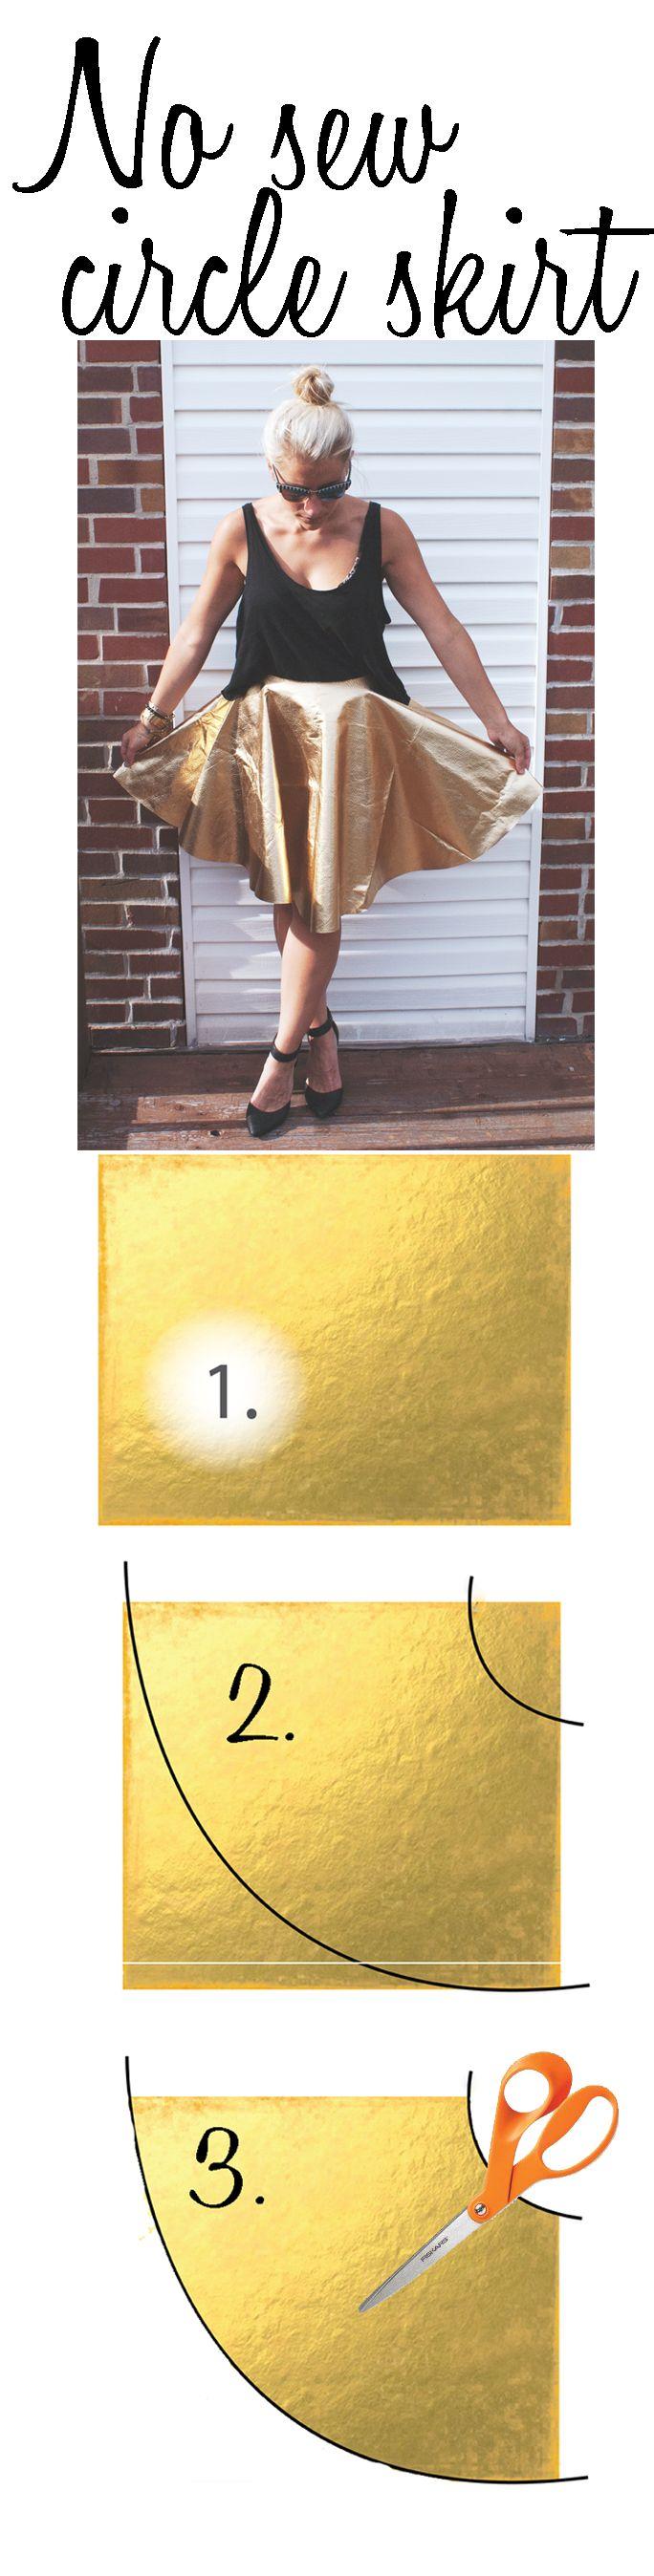 No sew circle skirt   metallic circle skirt